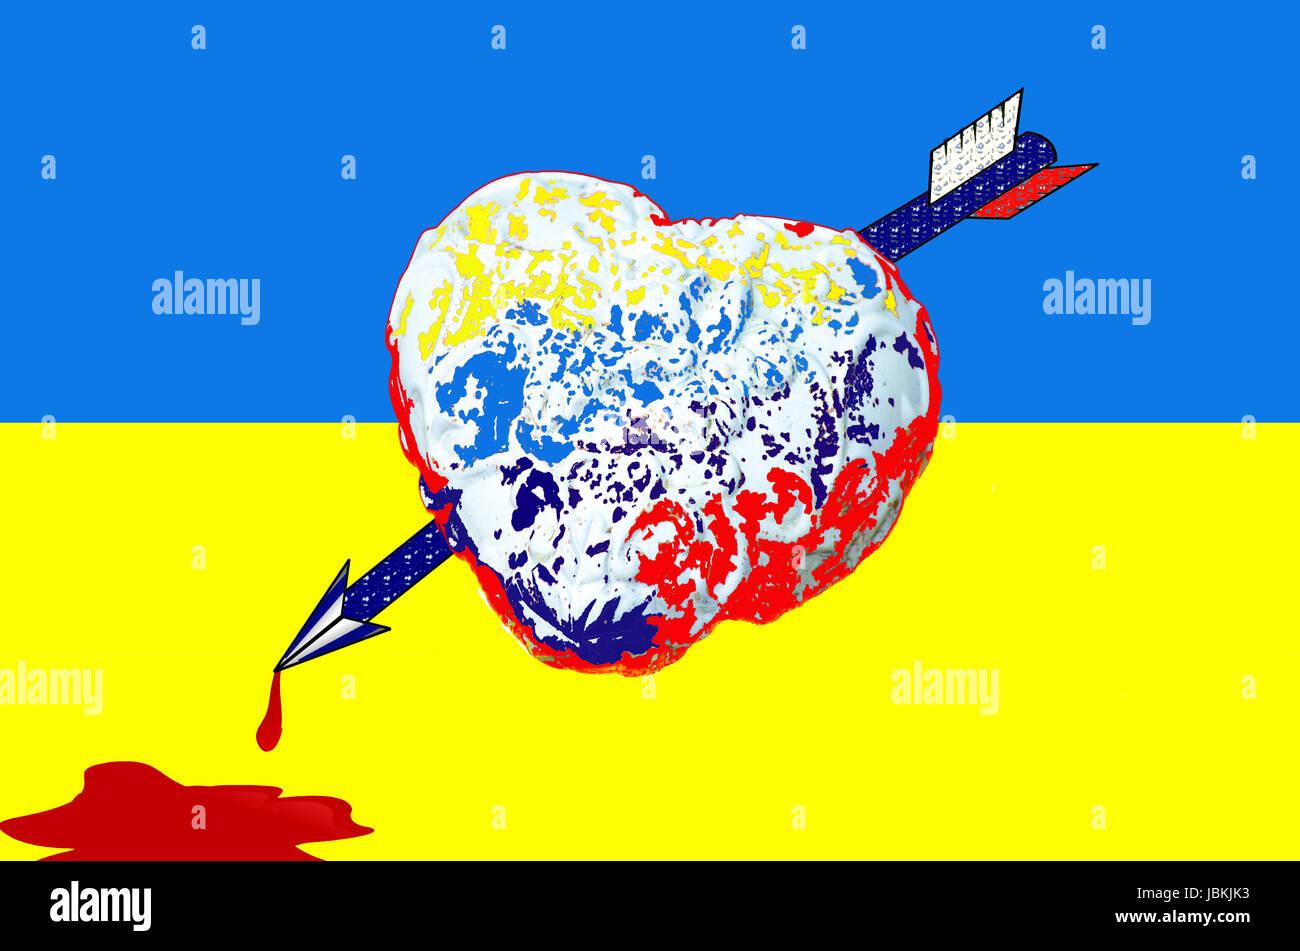 Ein Herz von einem Pfeil mit russischen Farben durchbohrt und eine Blutlache liegt auf der Fahne der Ukraine. - Stock Image